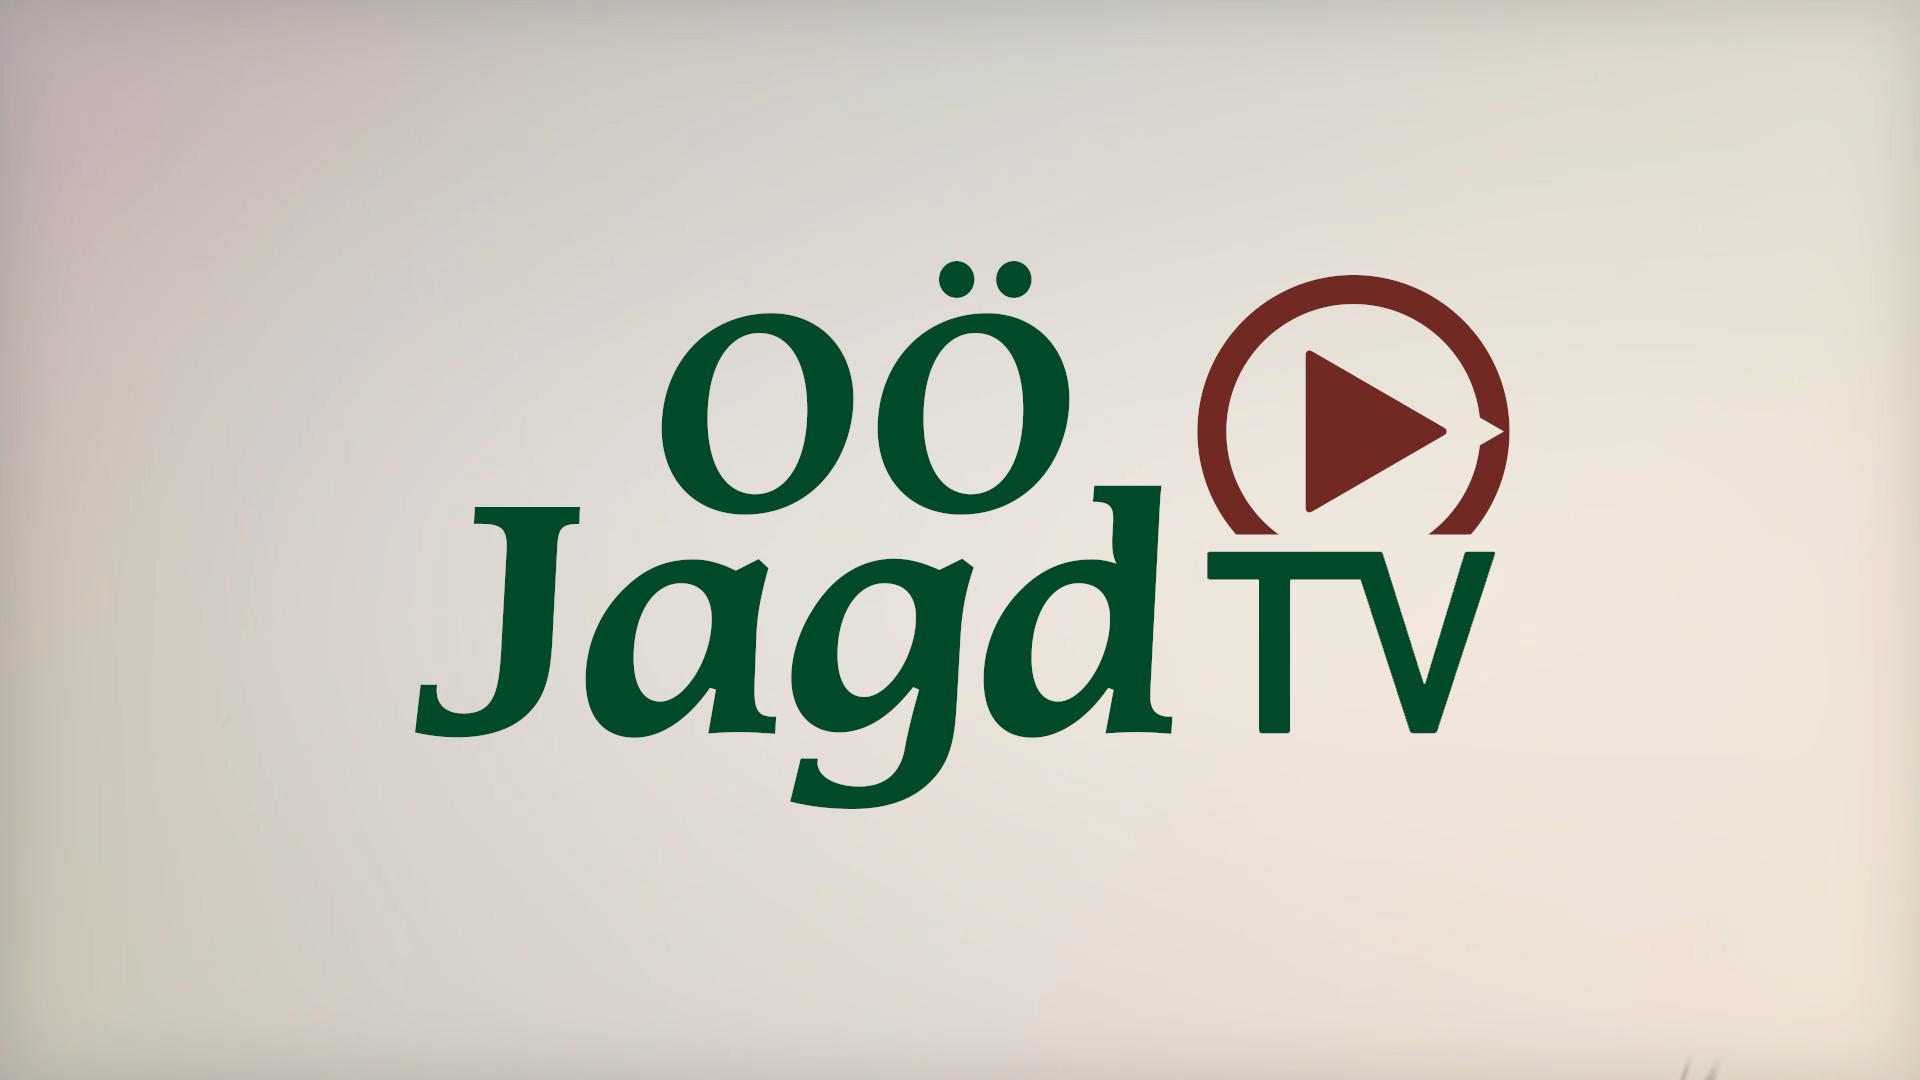 OÖ Jagd TV-Logo